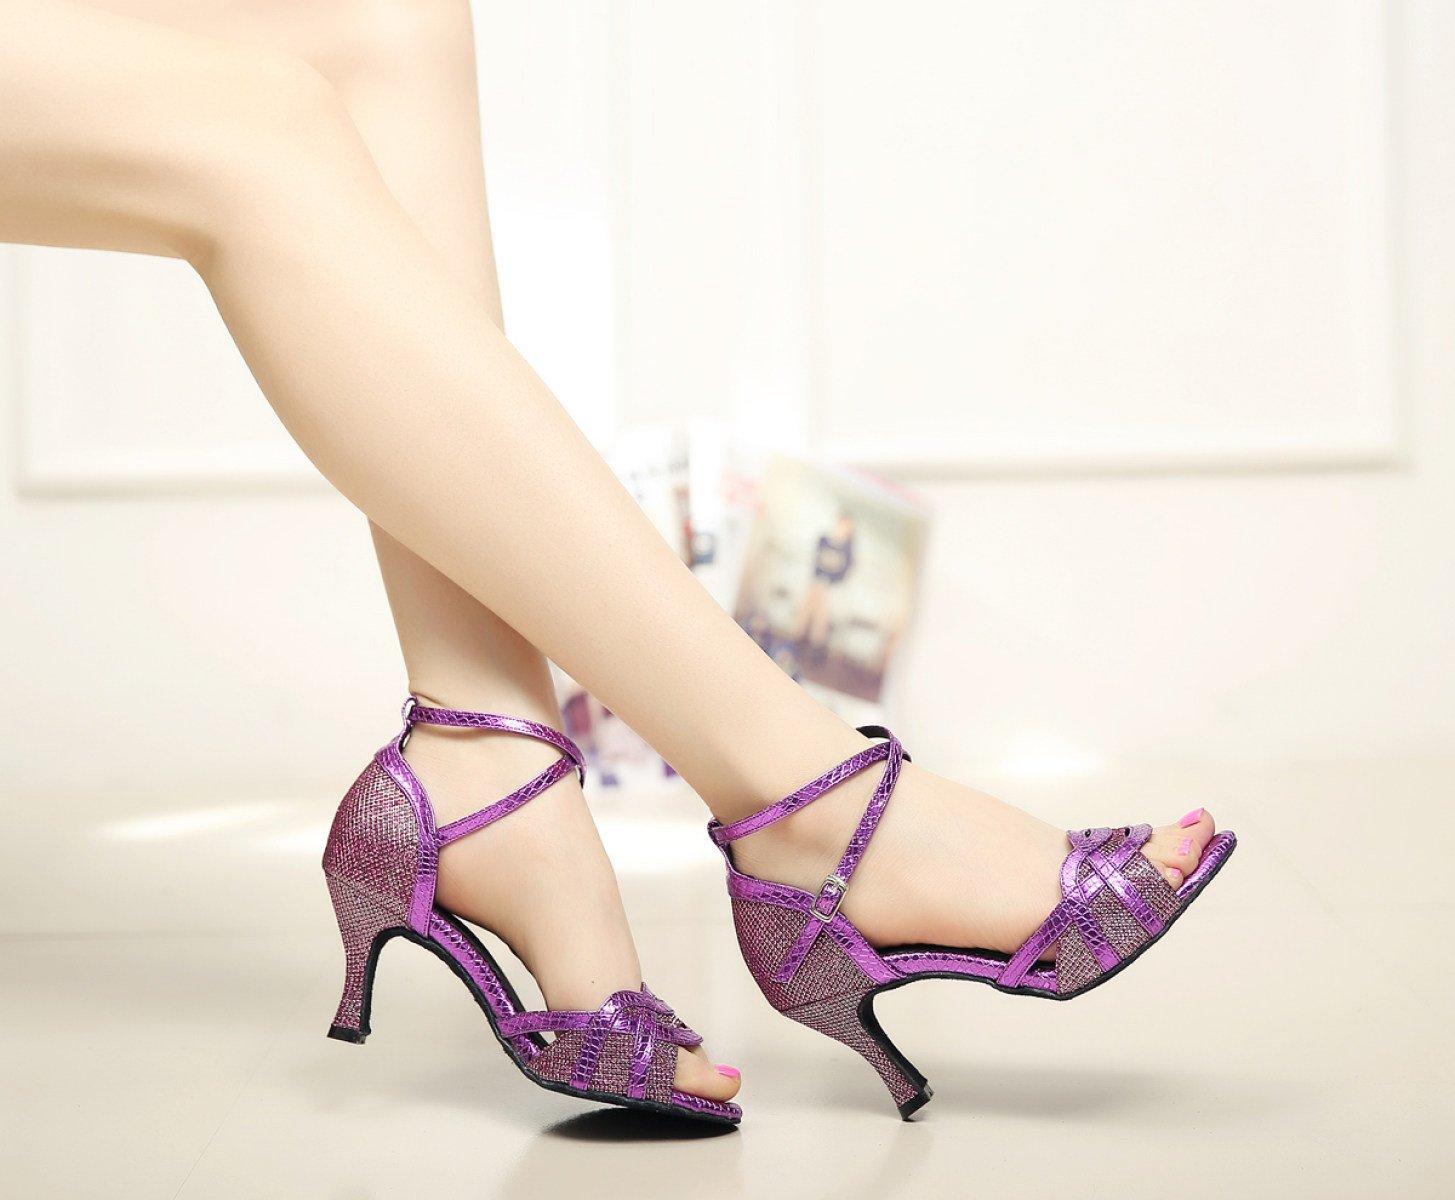 jshoe lucido di paillettes delle donne sala da ballo scarpe